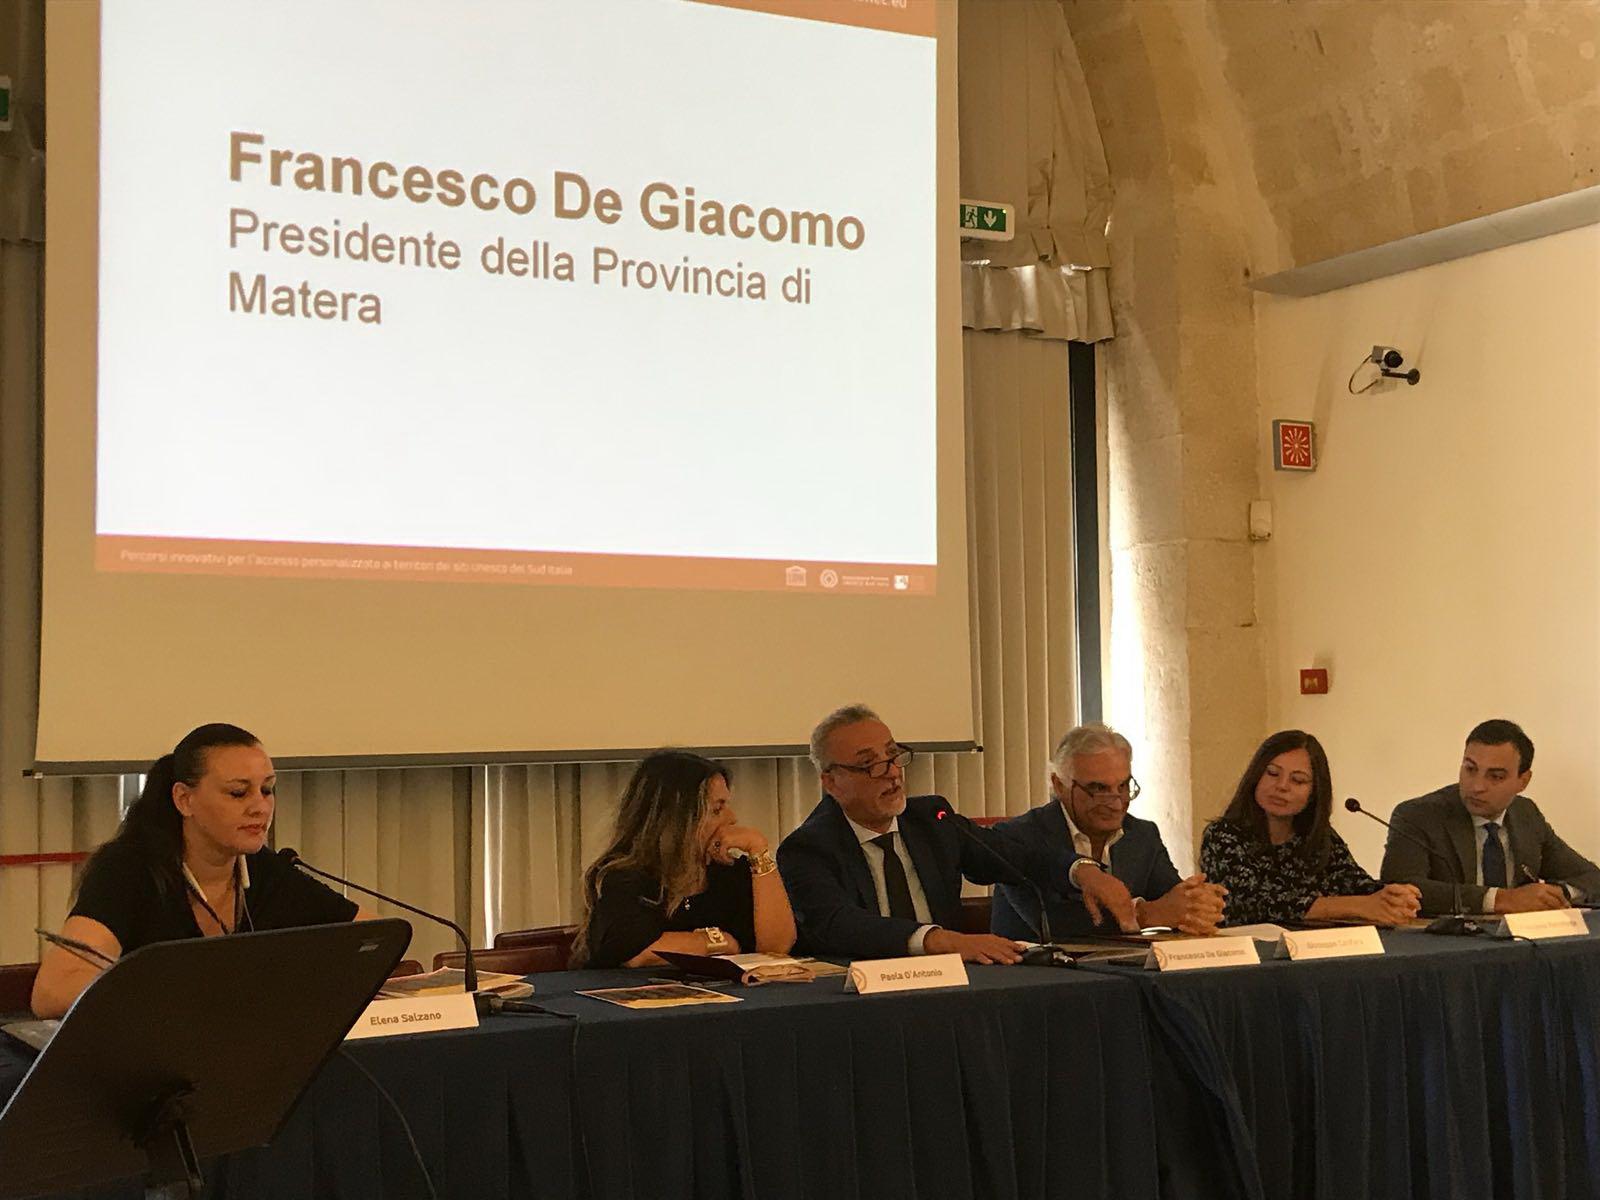 http://www.salernonotizie.net/wp-content/uploads/2018/07/CONFERENZA-MATERA-PROGETTO-RETI-SITI-UNESCO.jpg